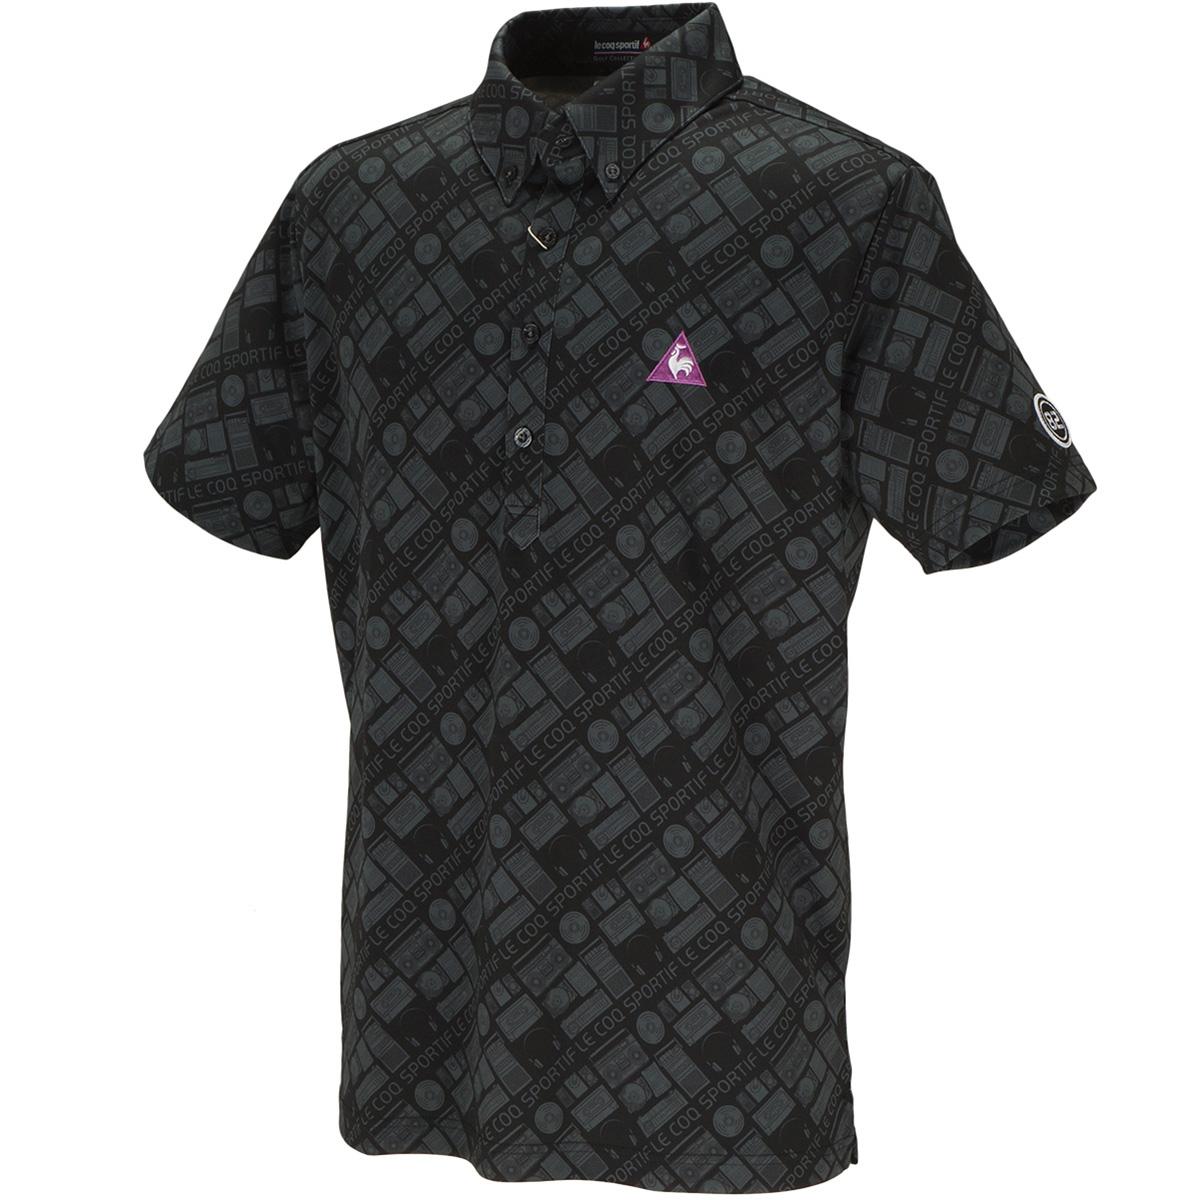 ファンキーアイコンプリント 半袖ポロシャツ